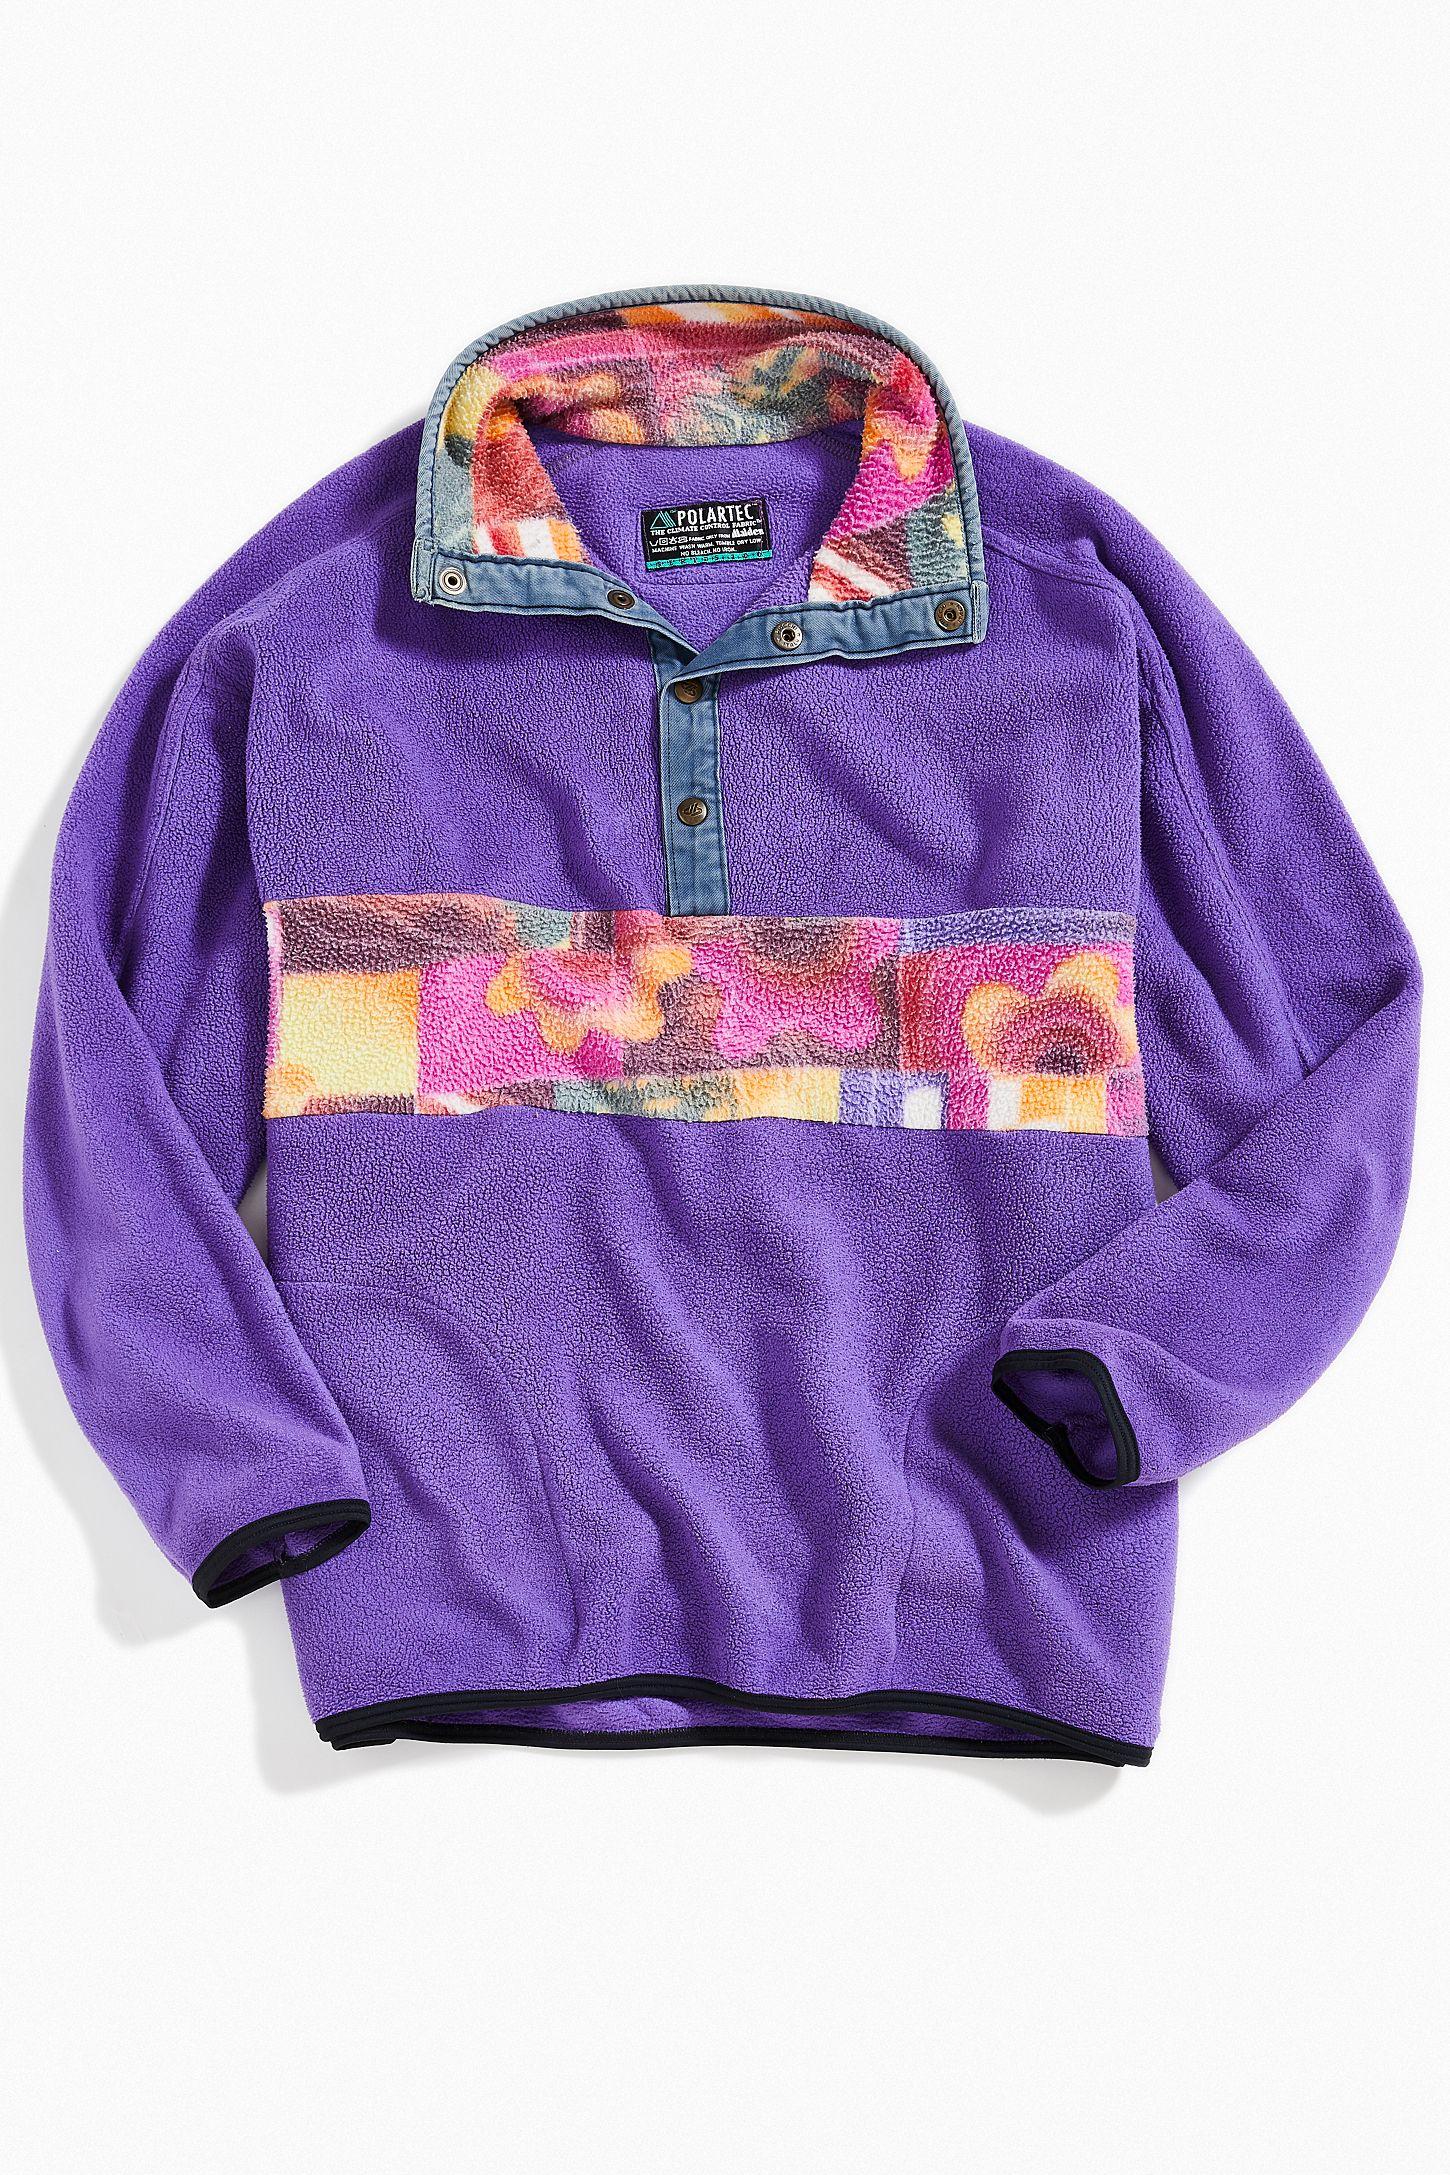 vintage fleece sweatshirt